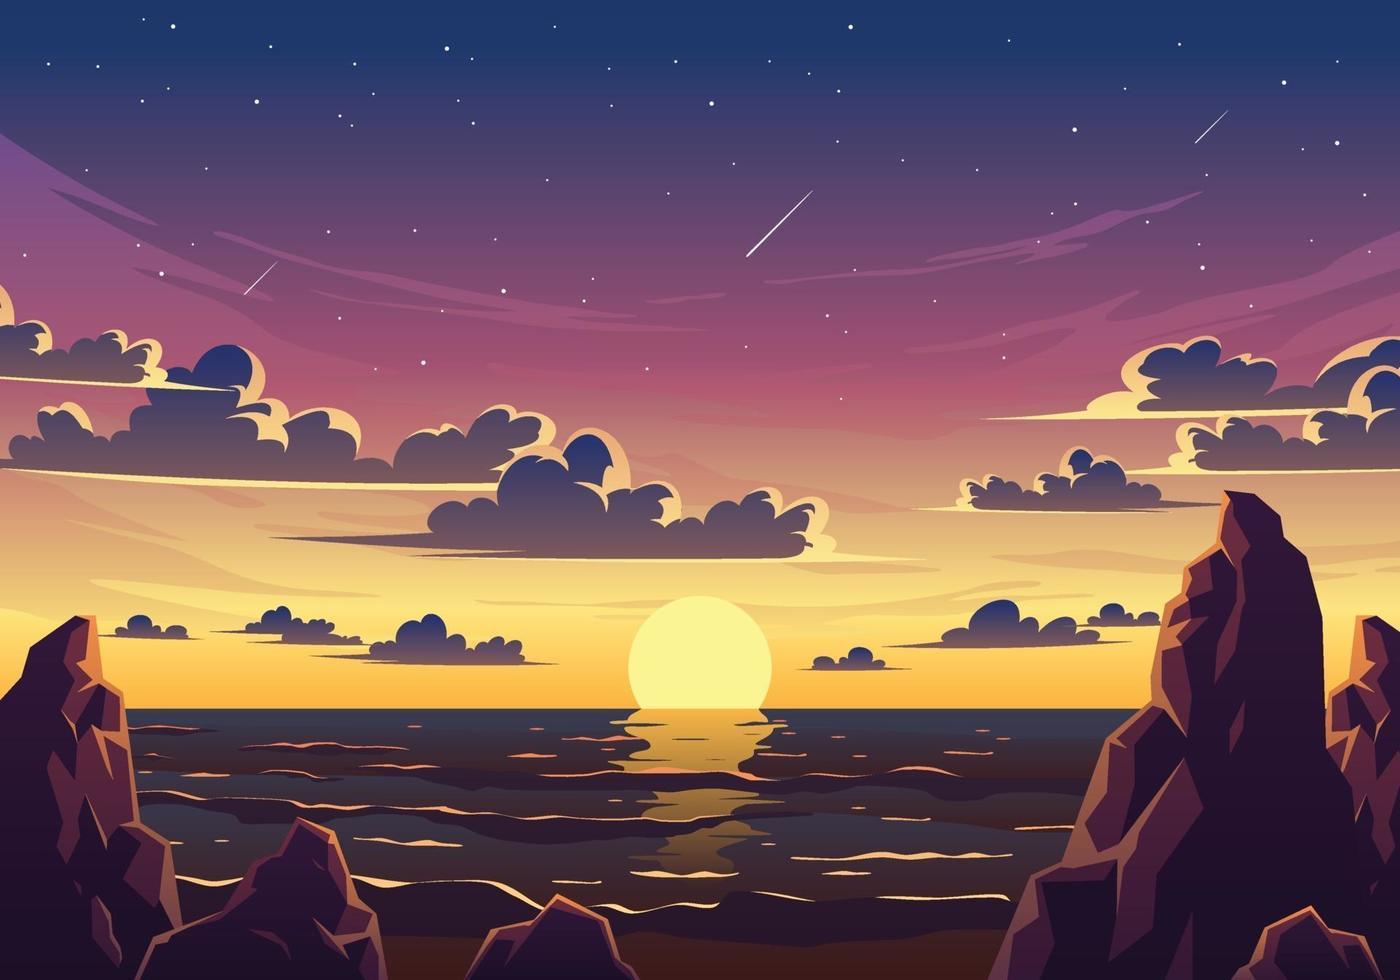 Sonnenuntergang Strand Landschaft Illustration vektor